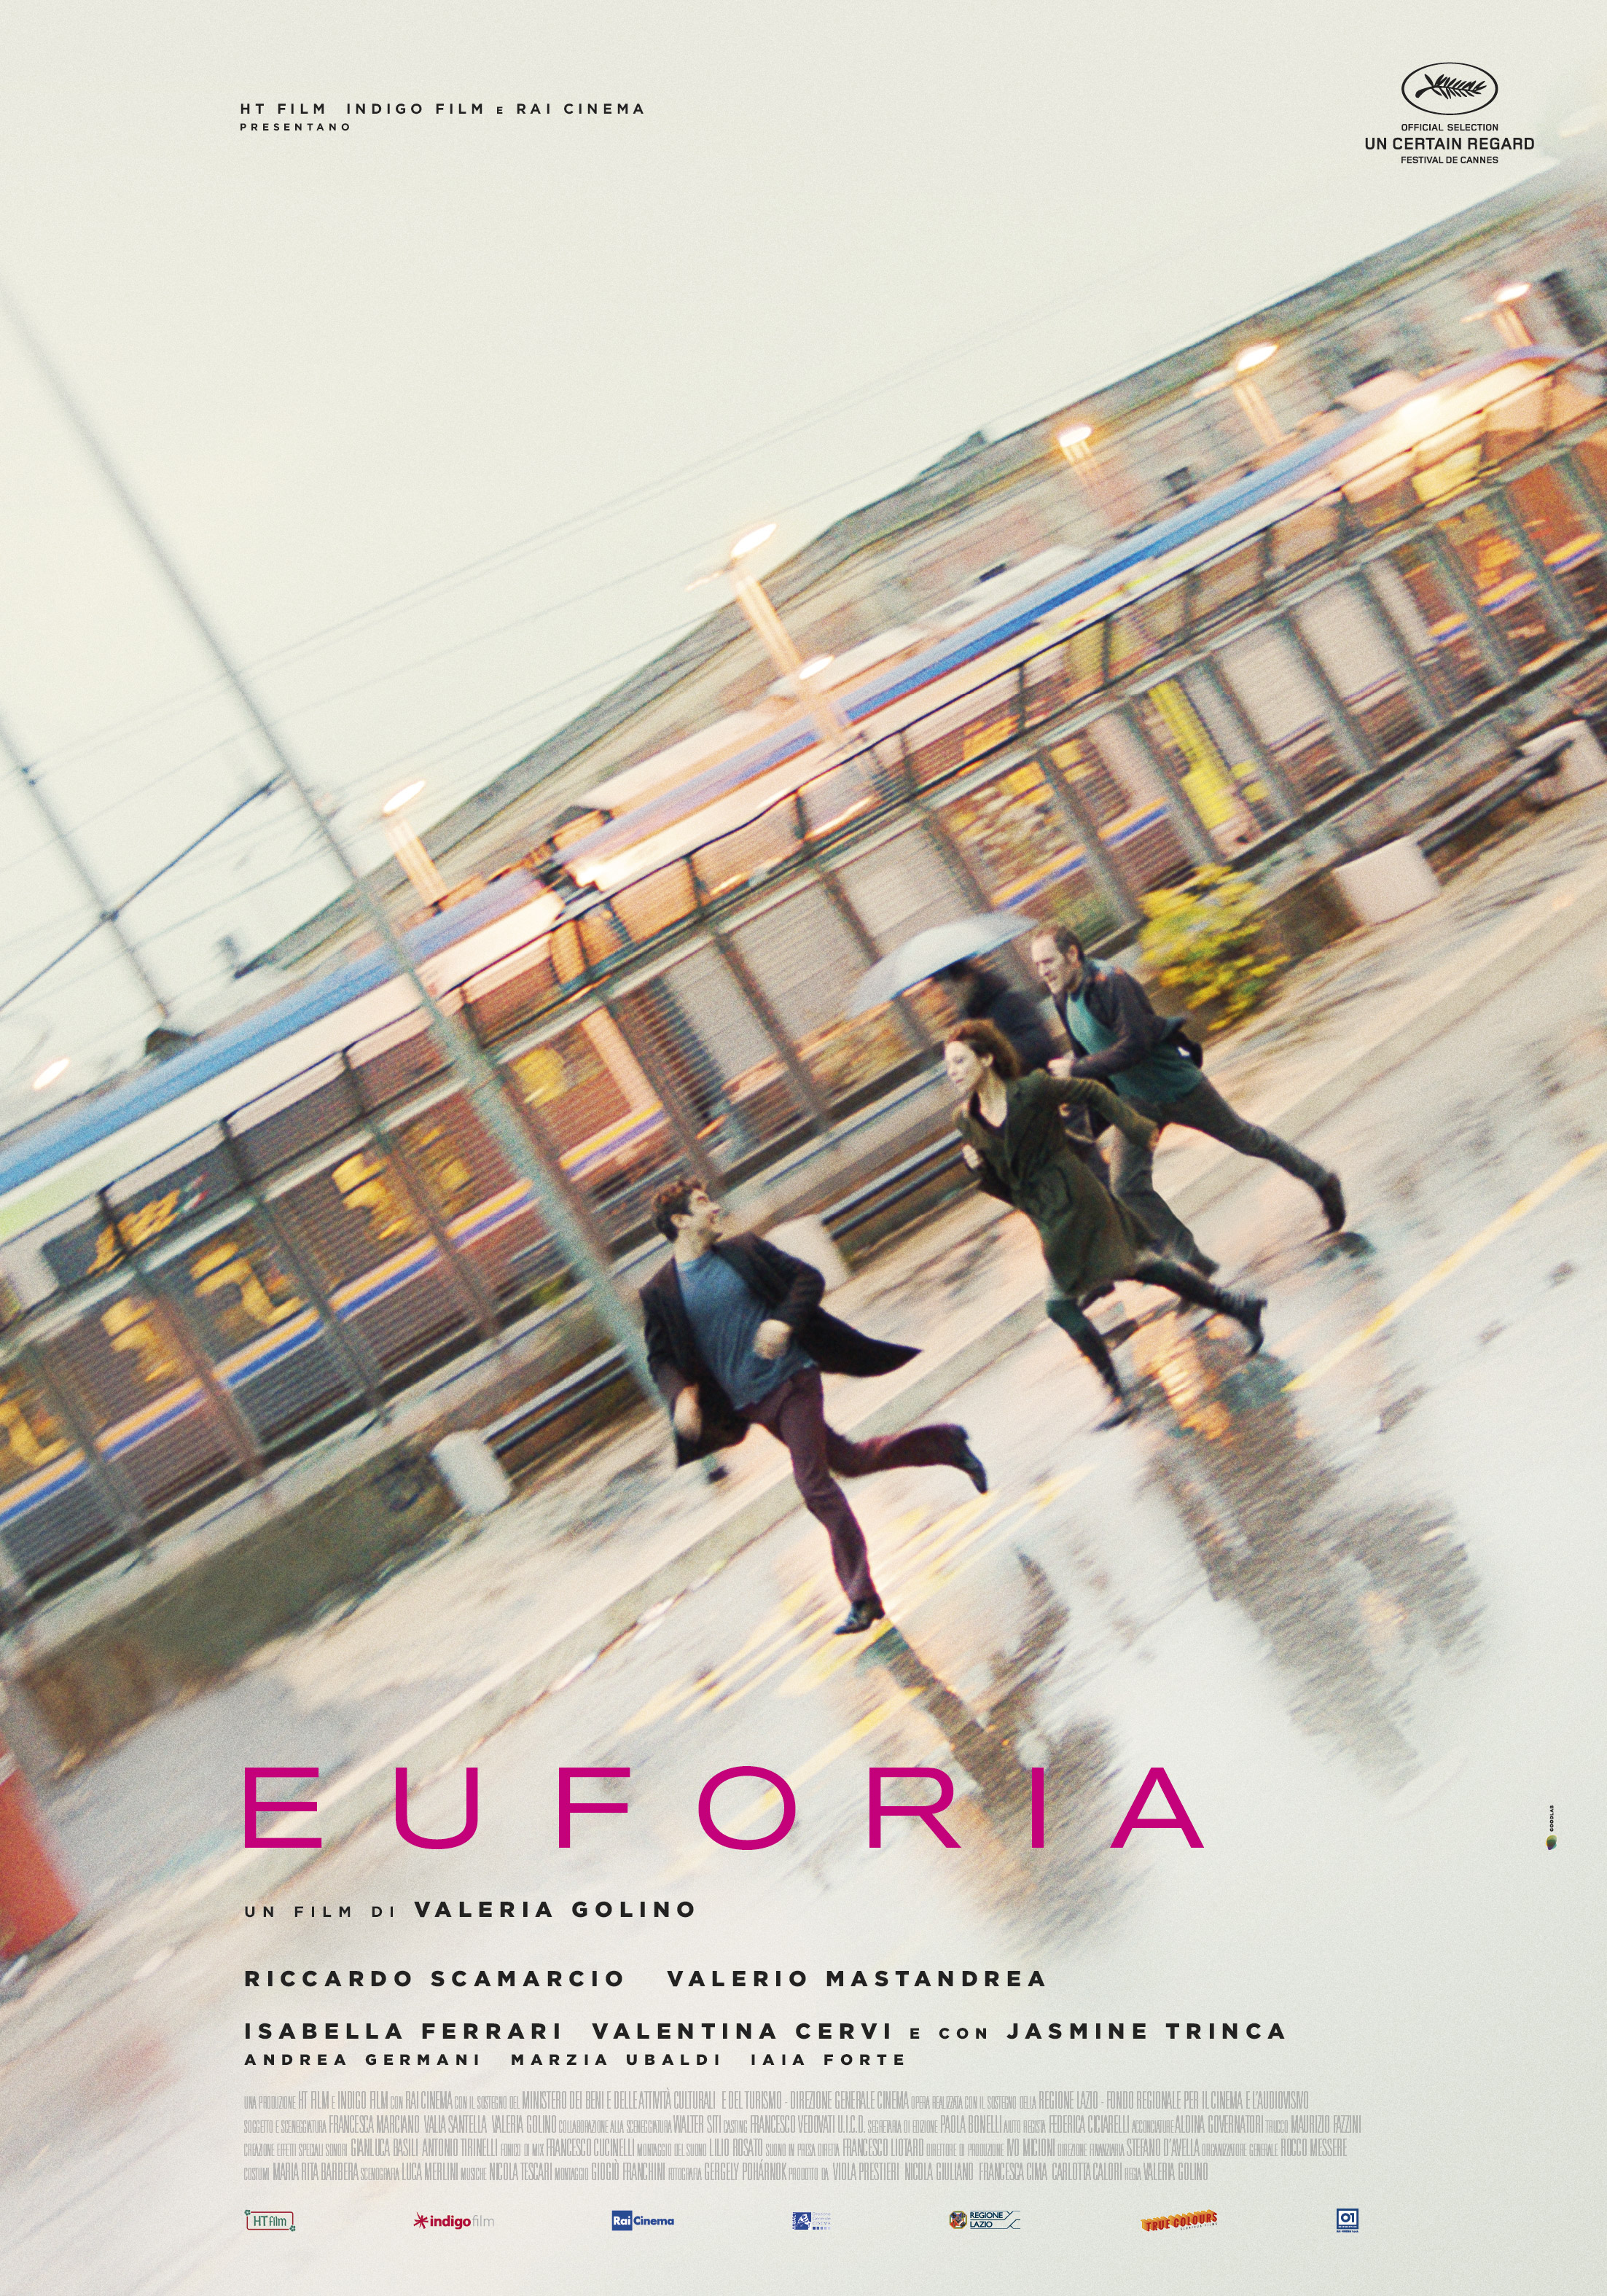 Cannes 71 - Il manifesto ufficiale di Euforia, il film di Valeria Golino